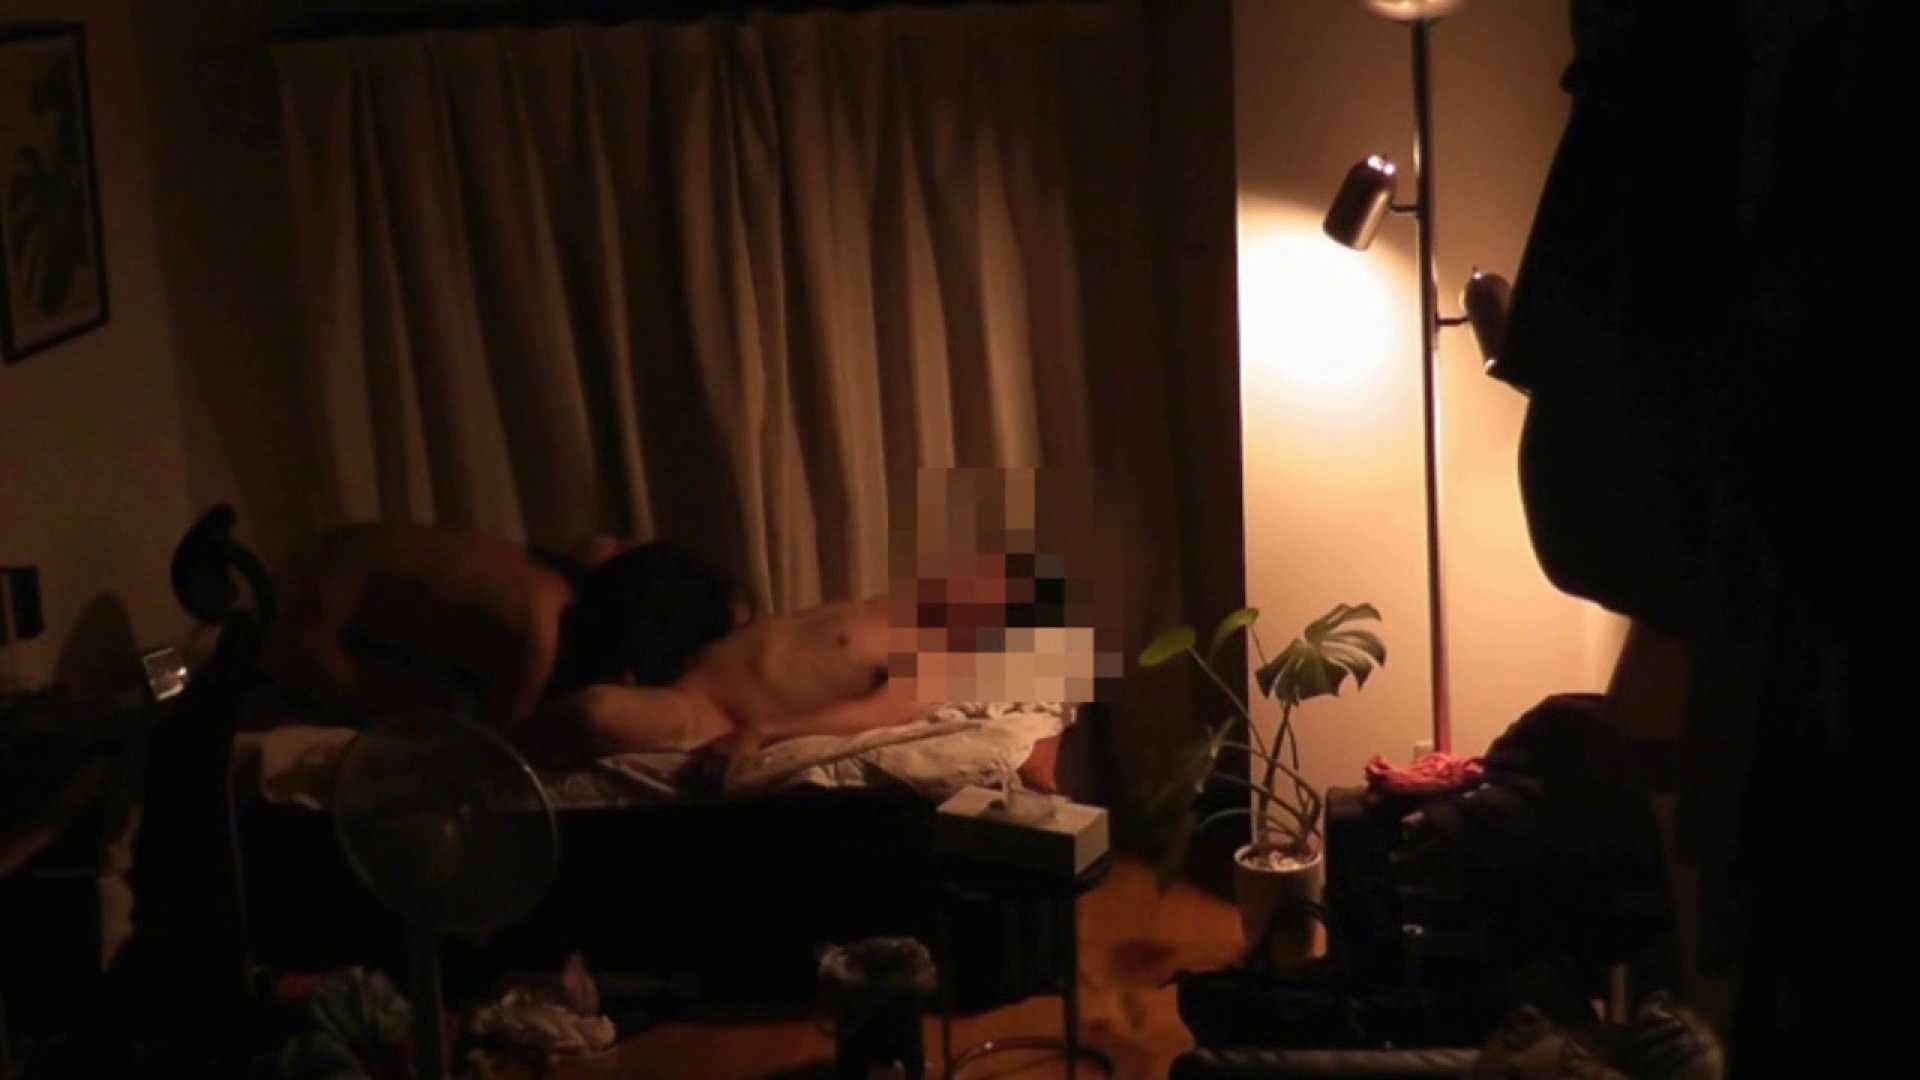 美女だらけのプライベートSEXvol.1 美女丸裸 オメコ動画キャプチャ 90pic 42